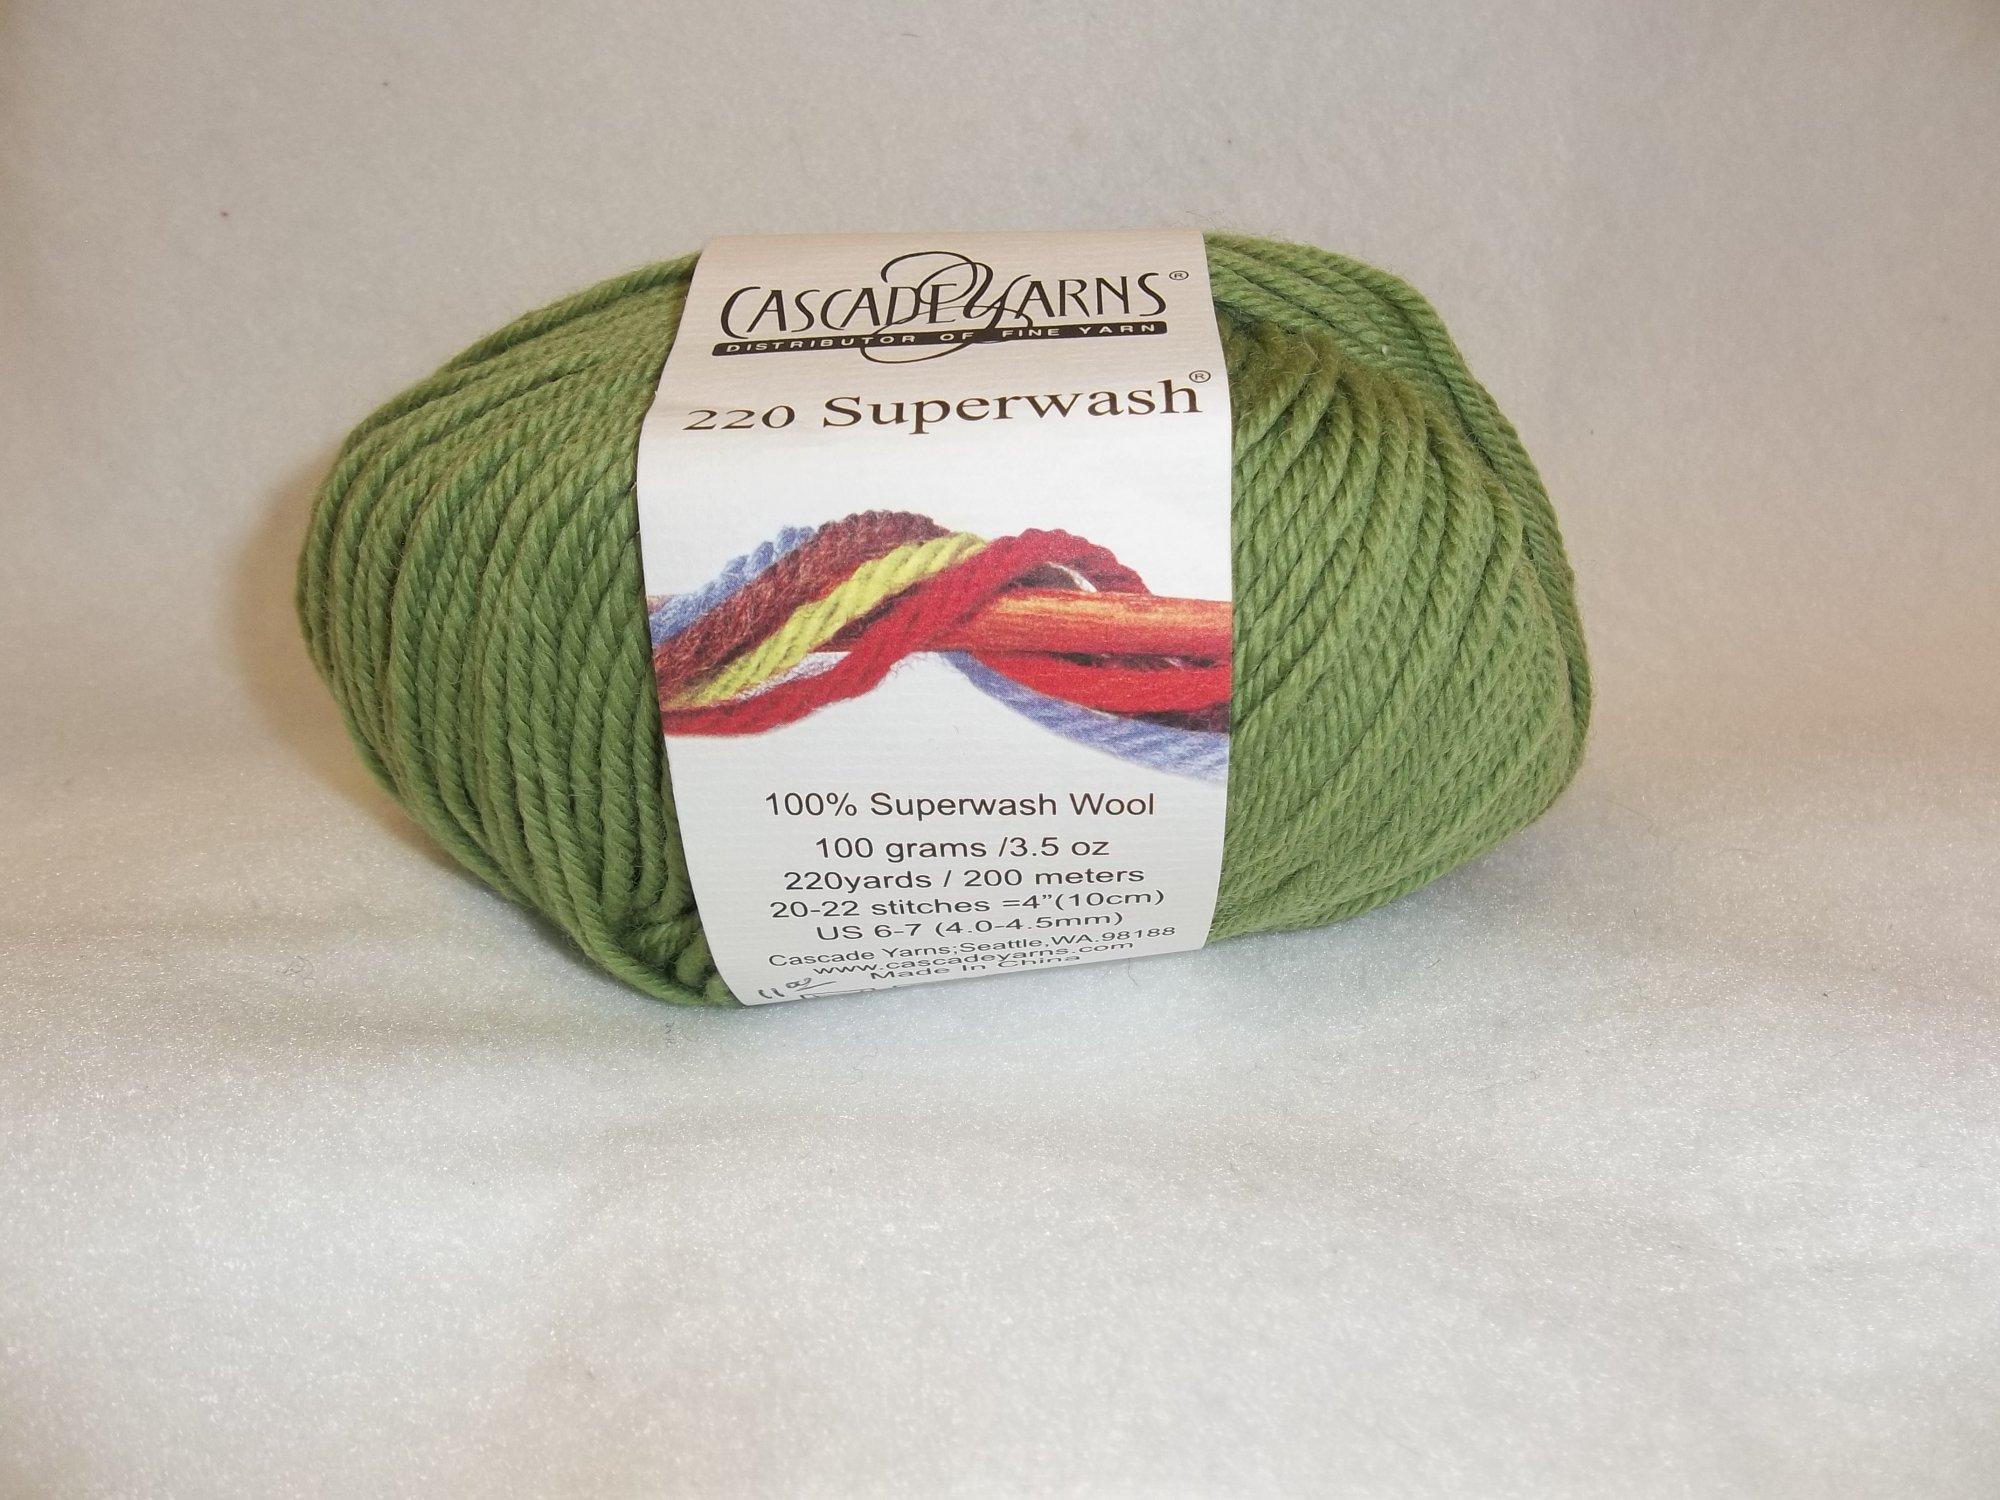 Cascade 220 Superwash - Color 841 lime green